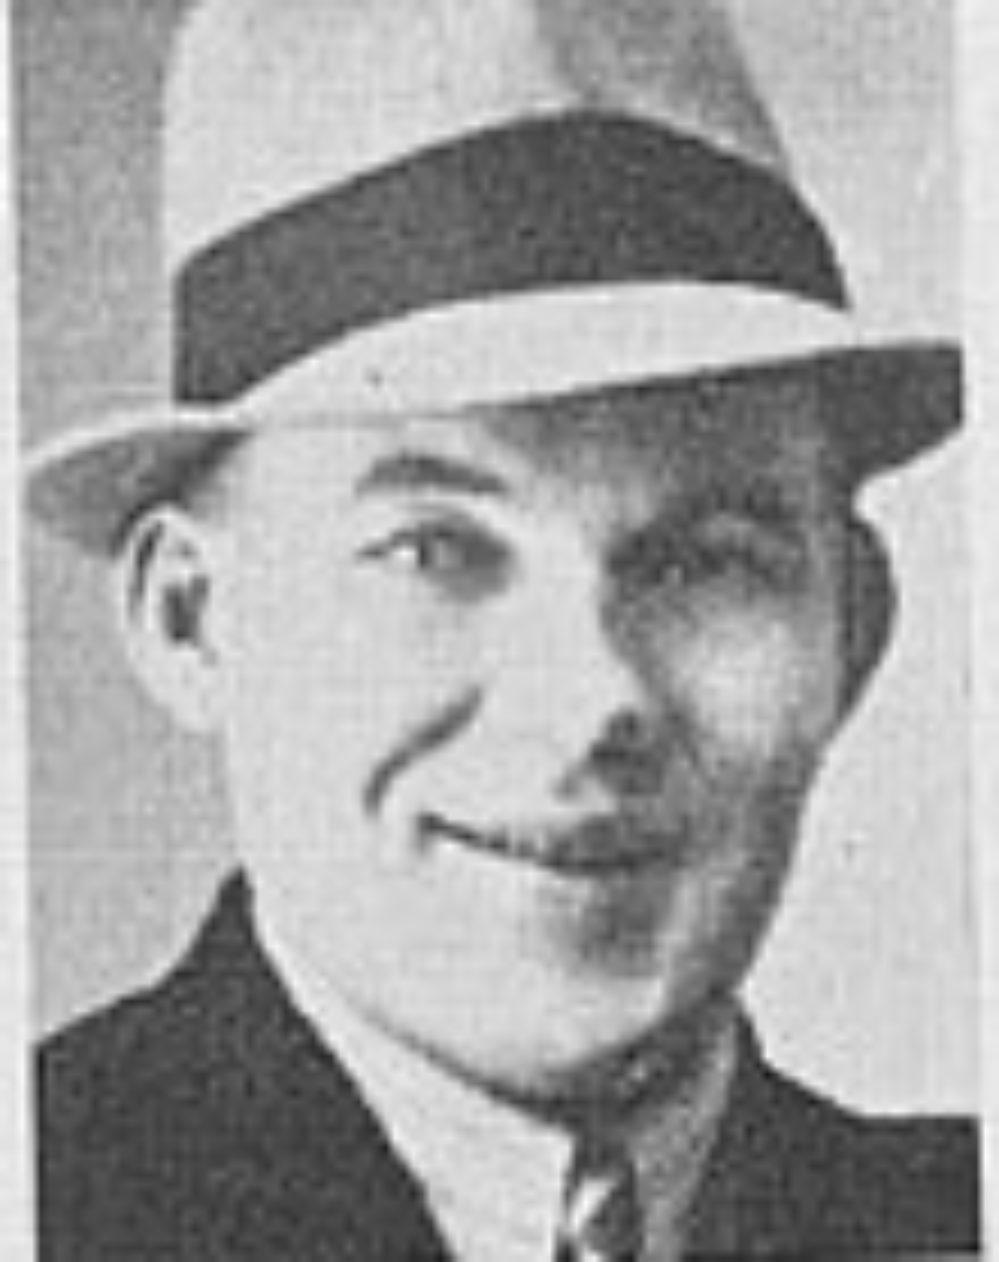 Gustav Murberg